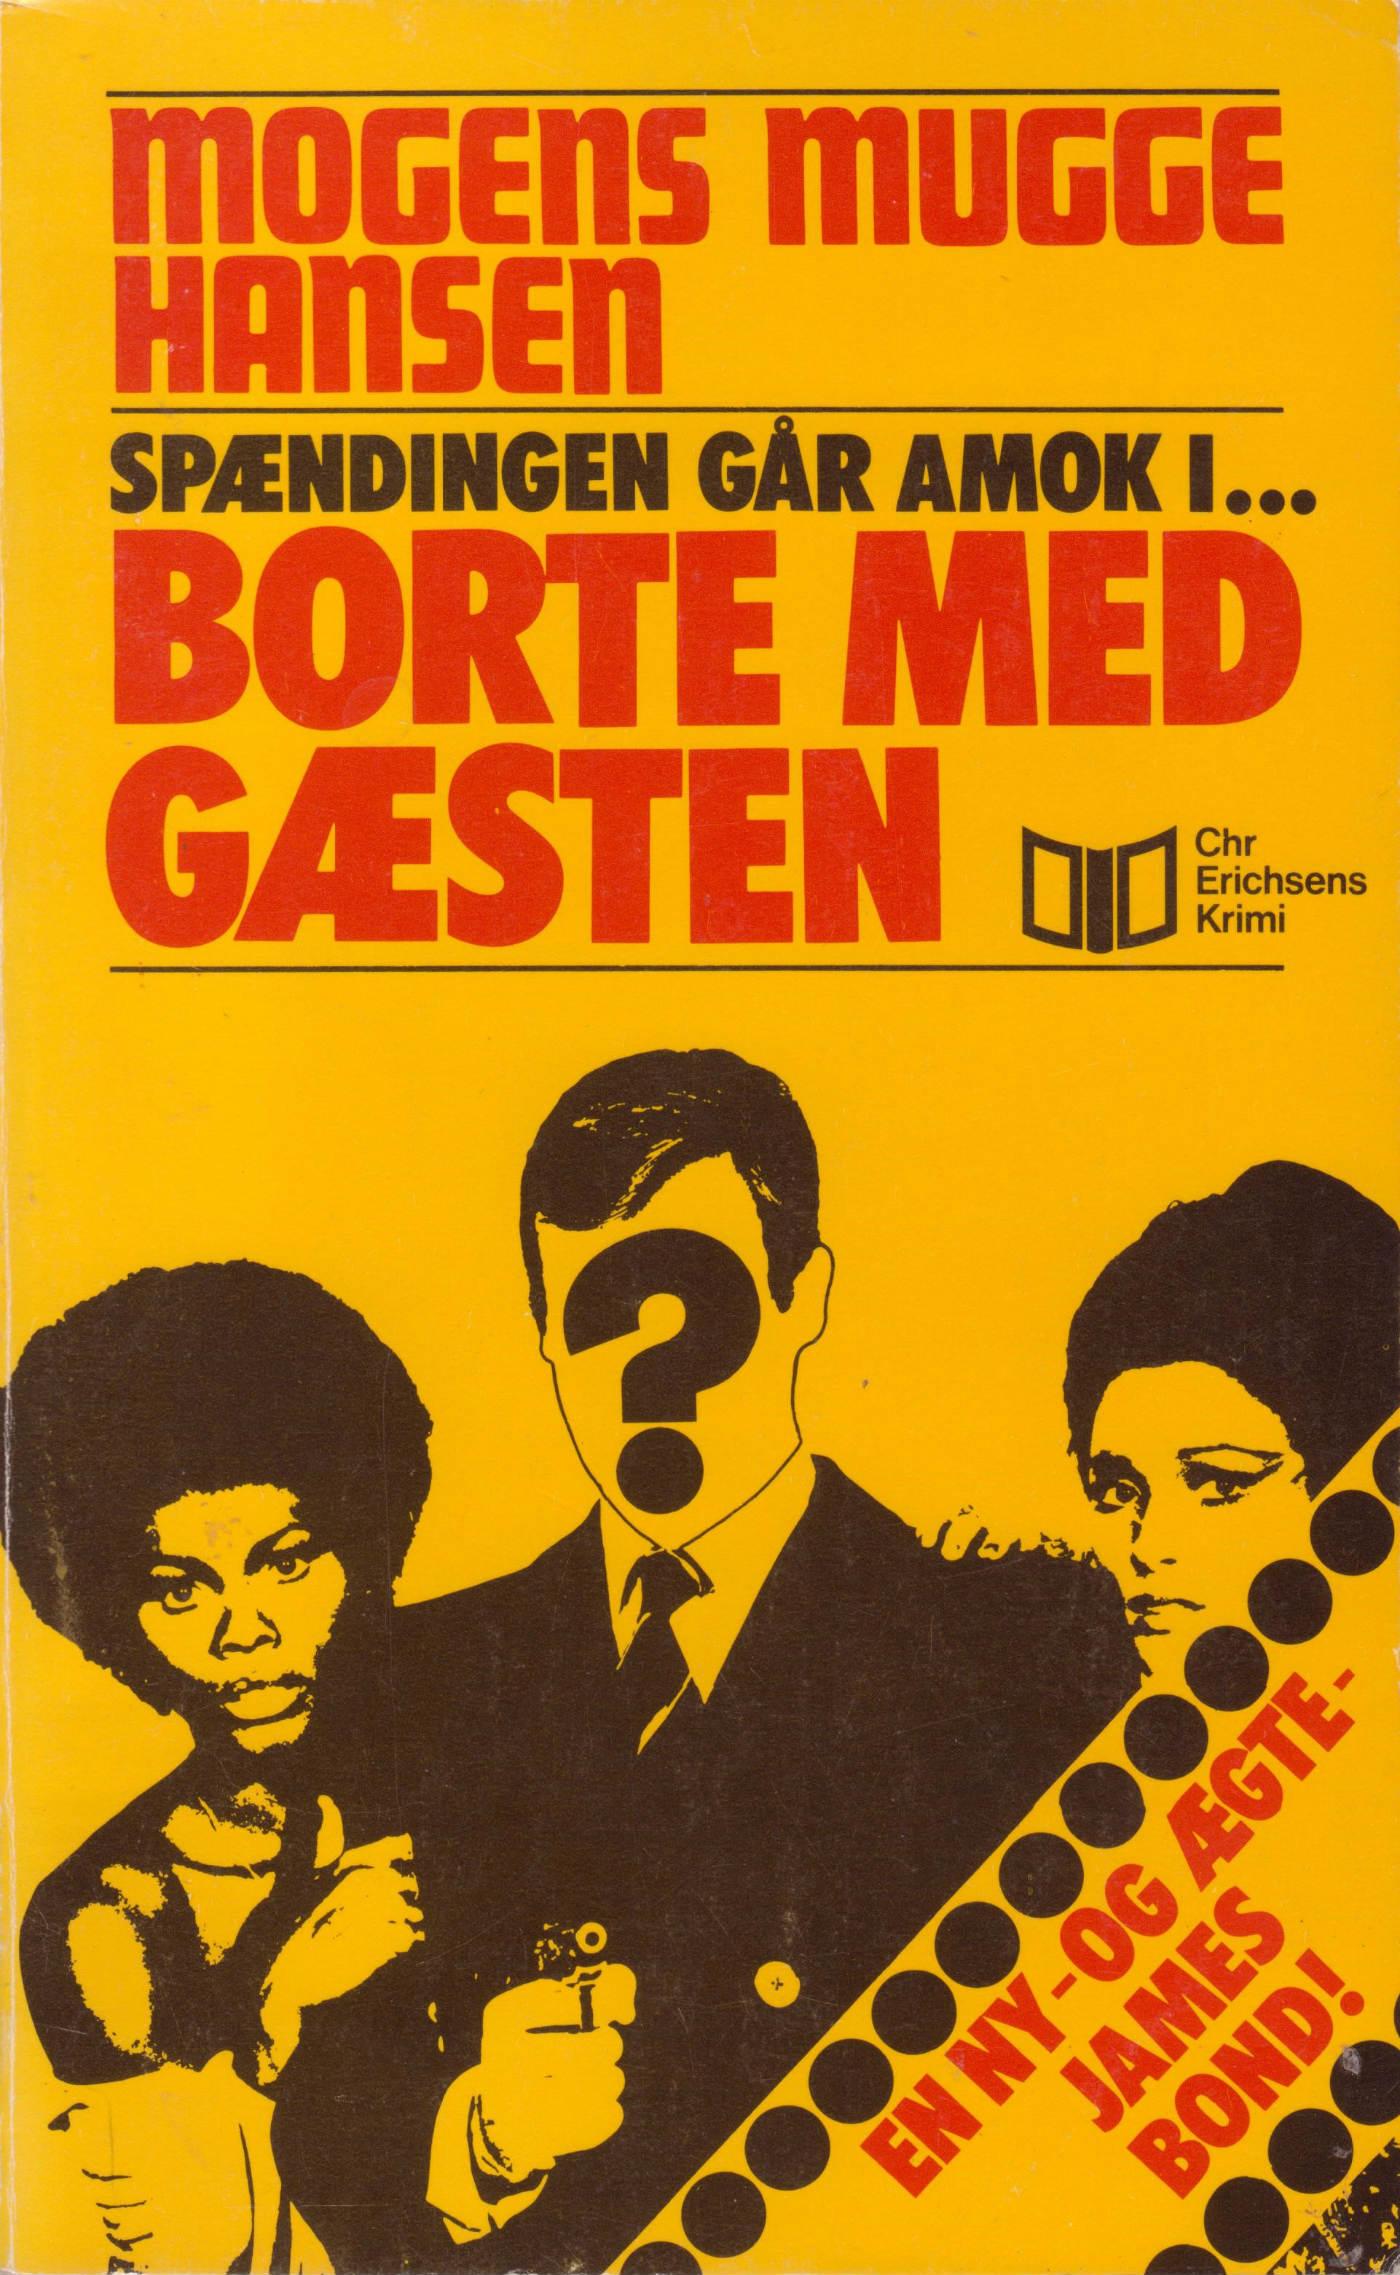 Borte med gæsten 1976 forside